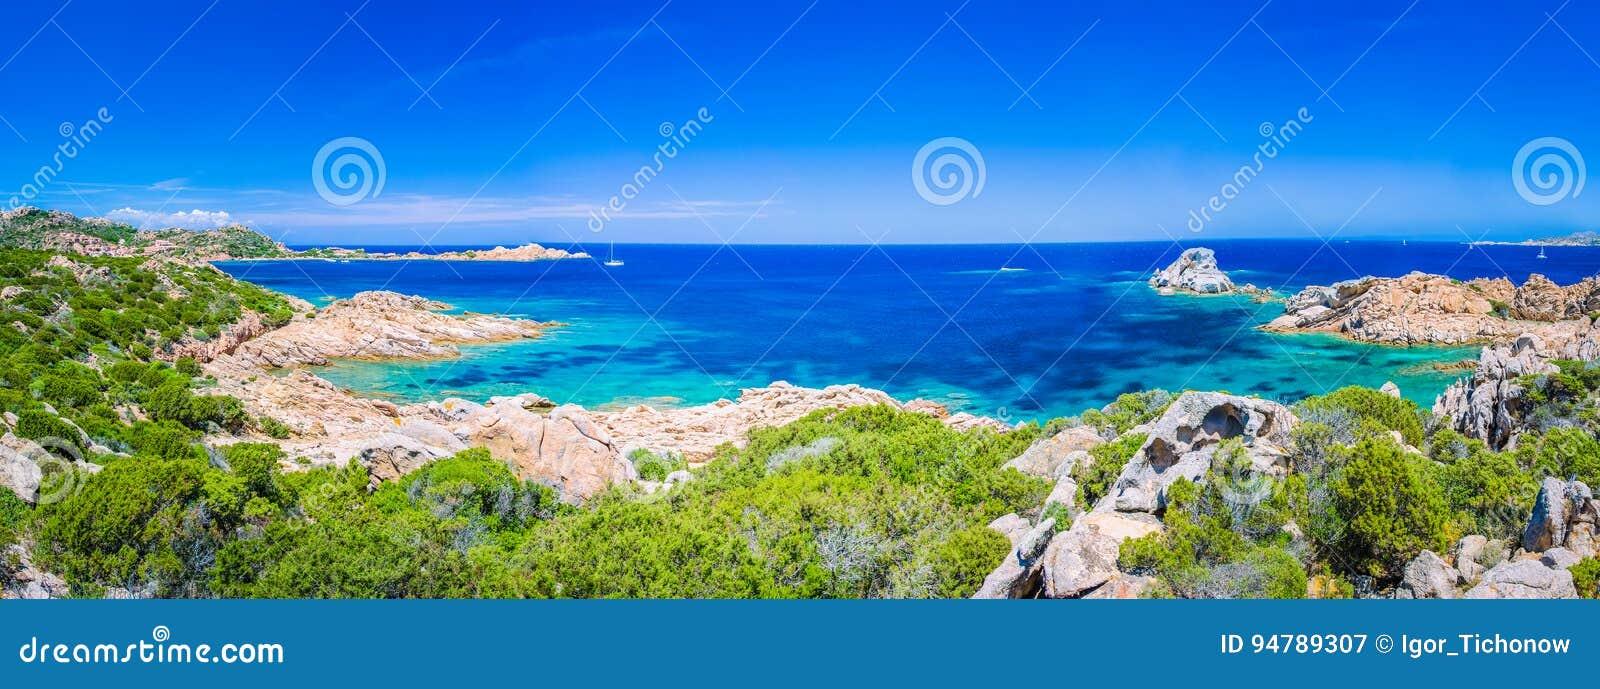 Água do mar clara pura dos azuis celestes e rochas surpreendentes na costa da ilha de Maddalena, Sardinia, Itália